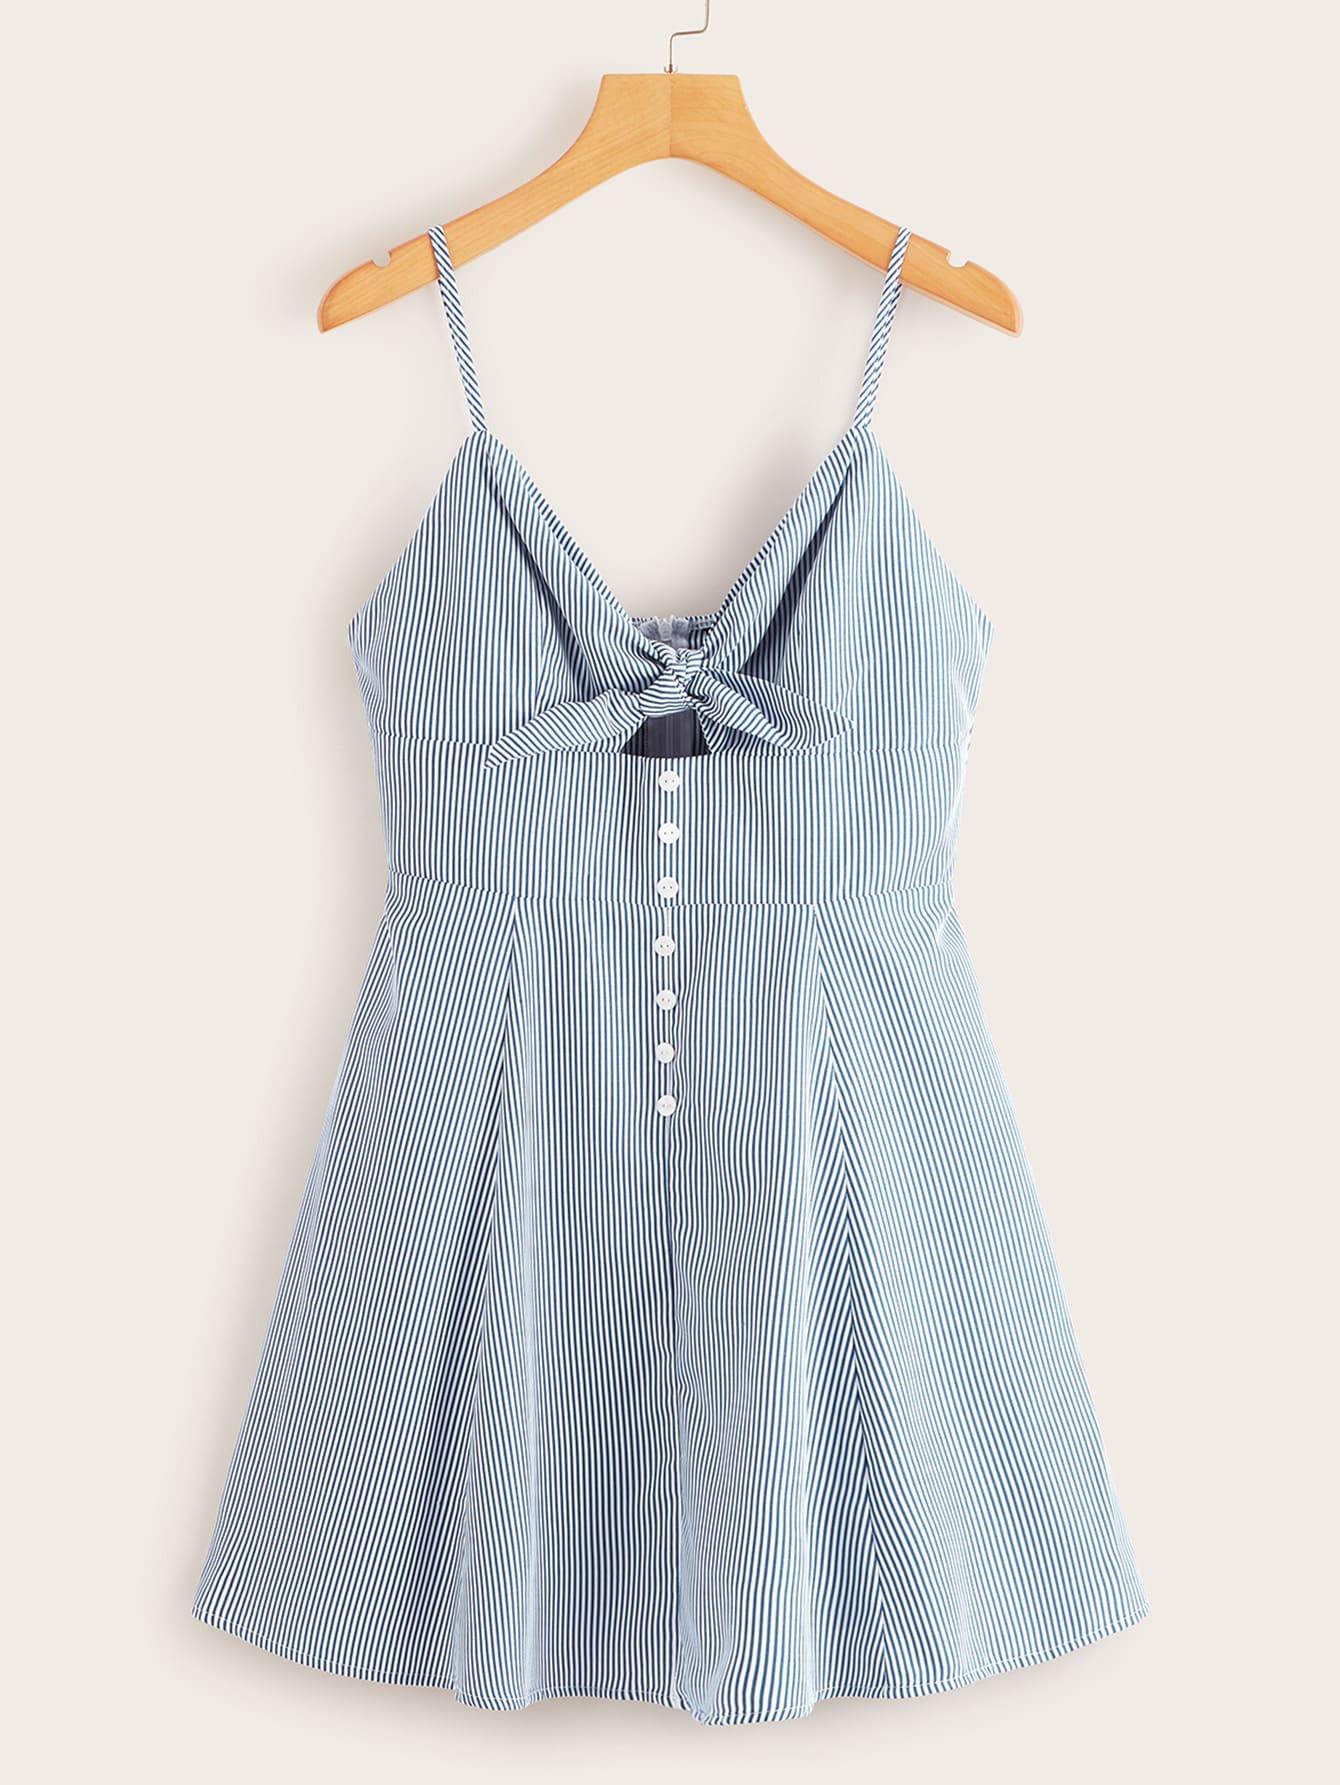 Фото - Полосатое платье на бретелях с пуговицами и узлом от SheIn цвет синие